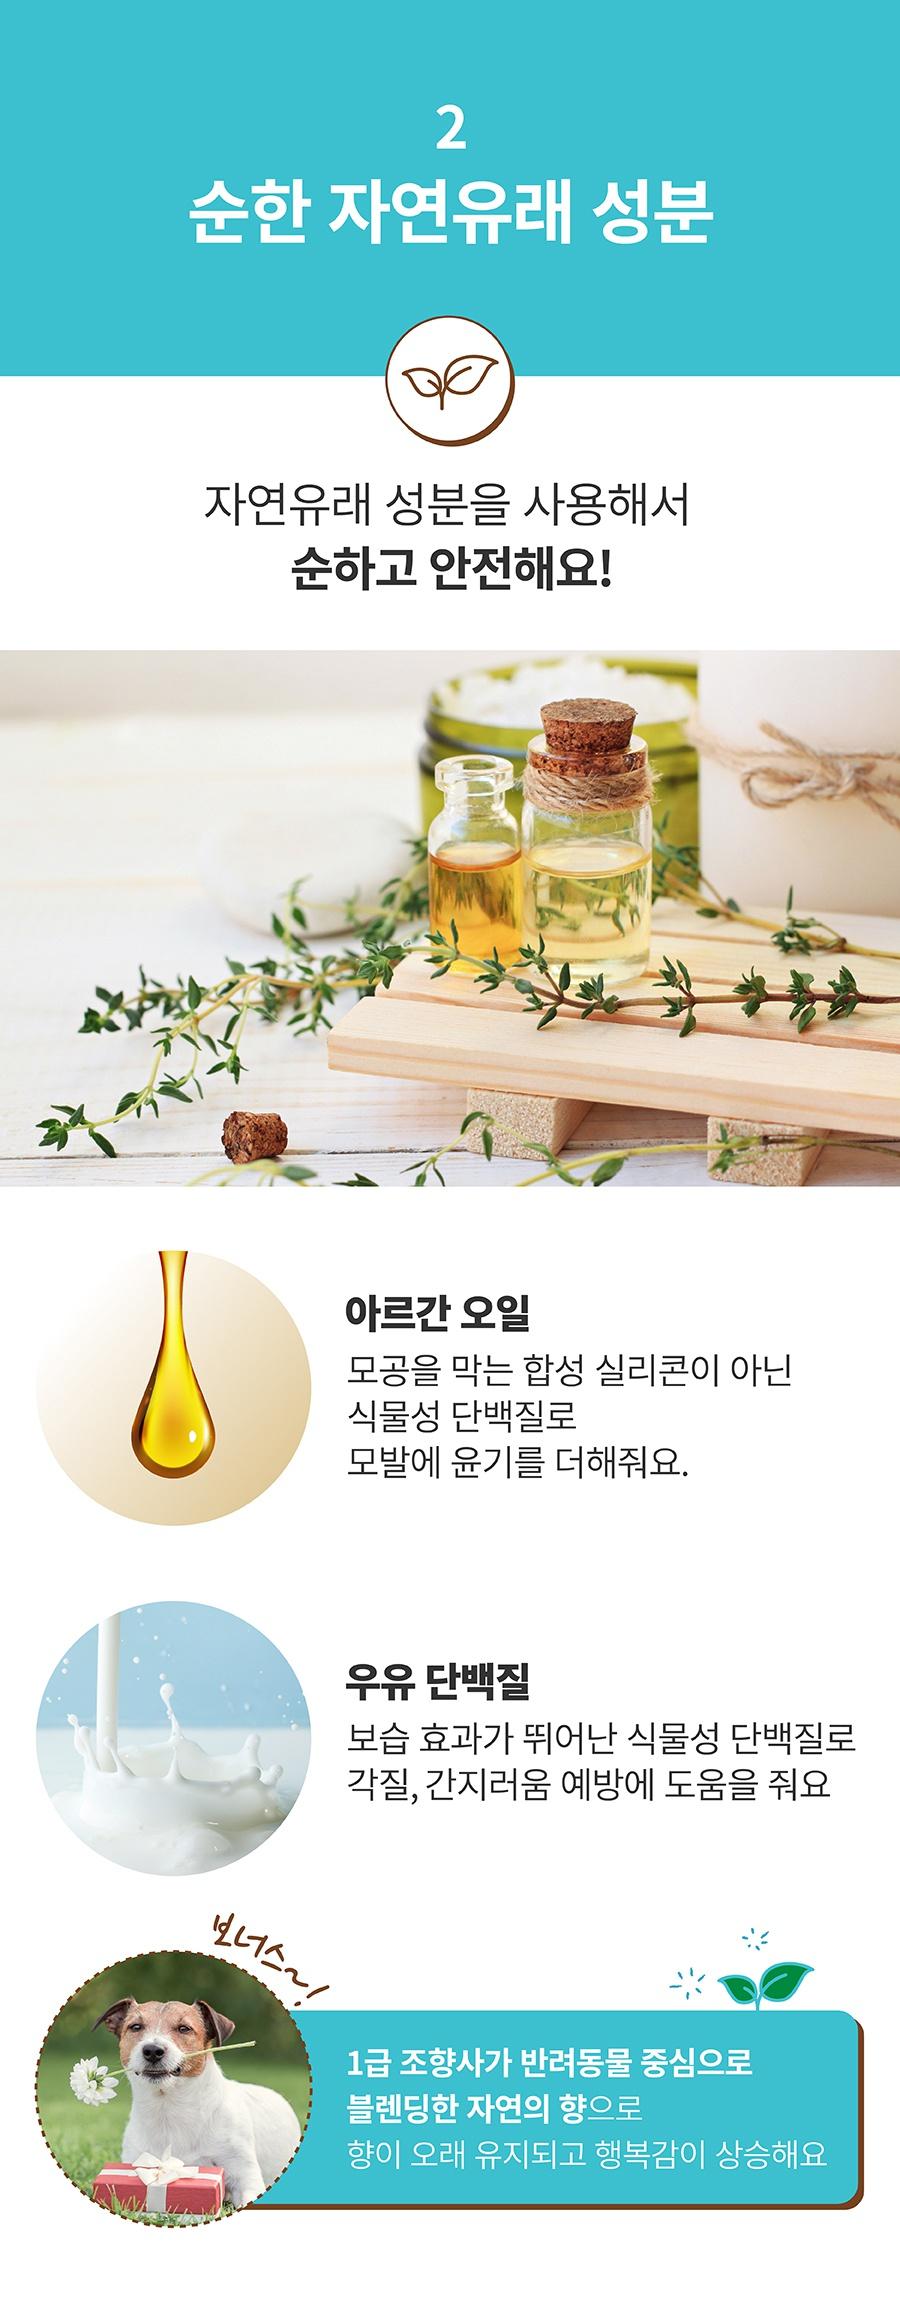 [EVENT] 포우장 보글보글 탄산샴푸-상품이미지-9